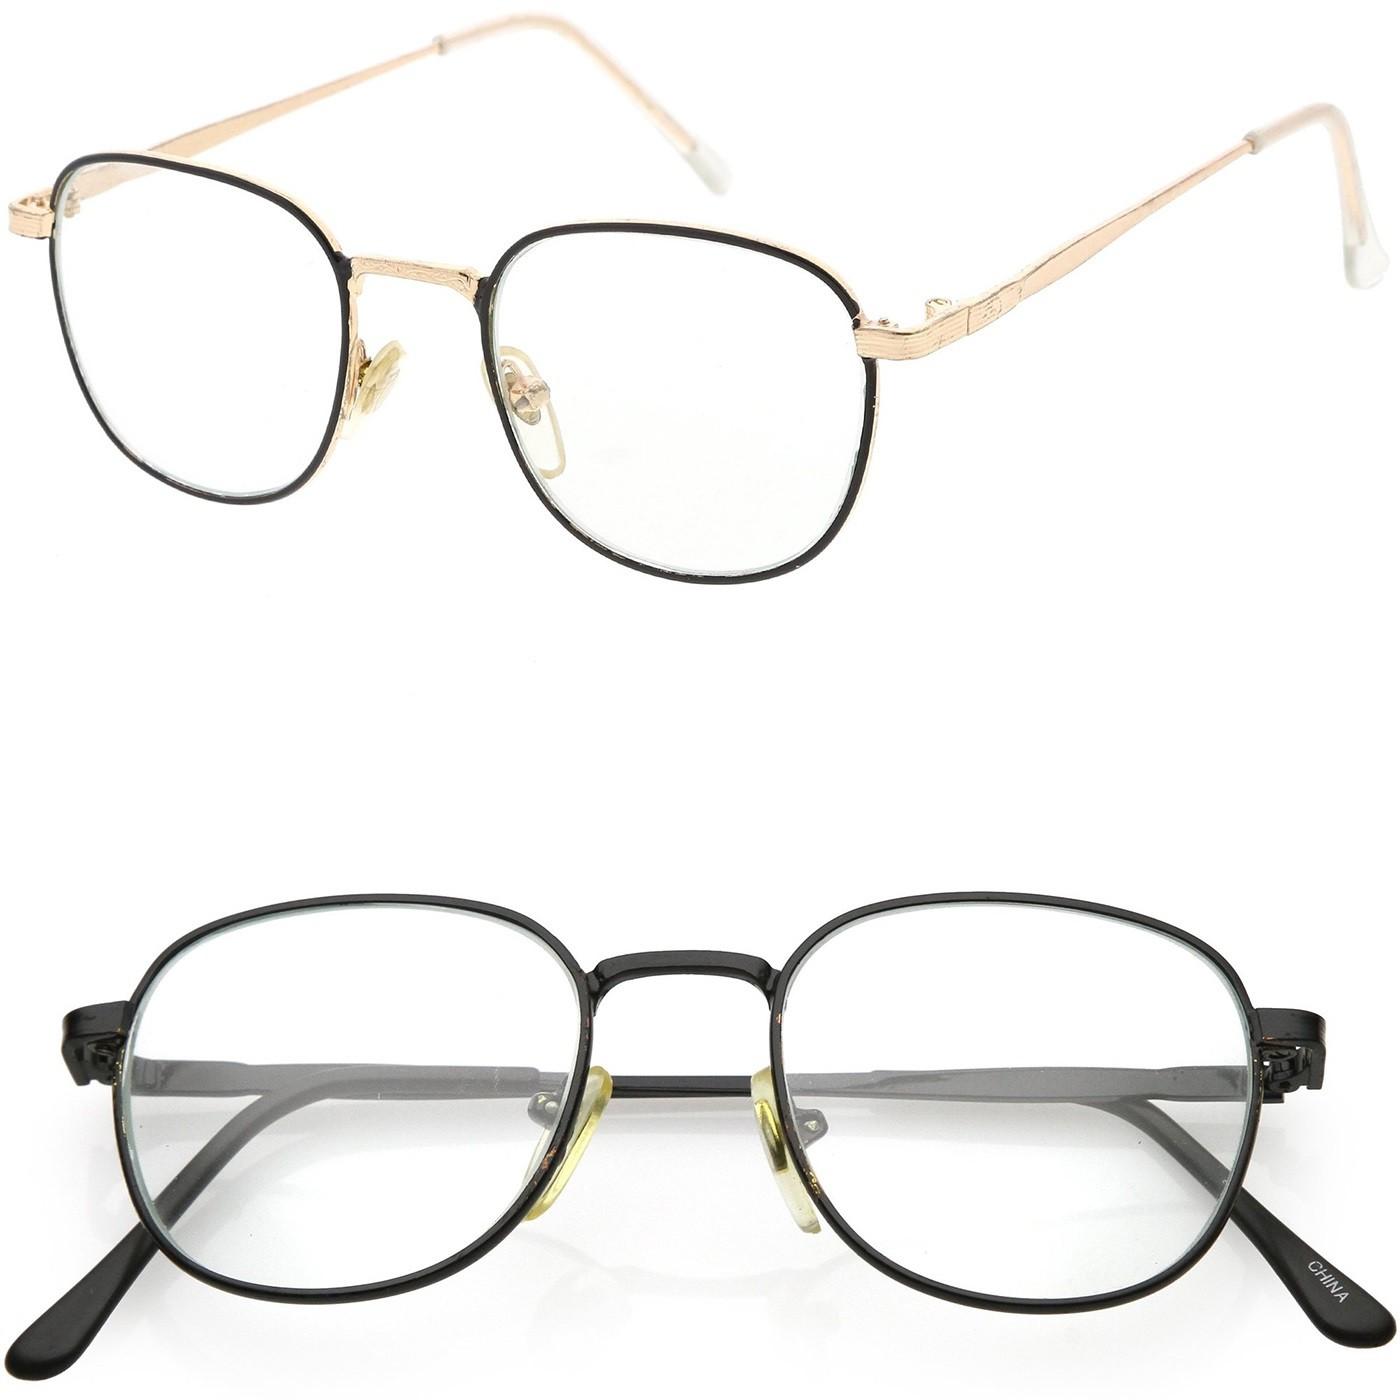 Lunettes neutre Hippie - mod. BREAKING BAD Walter - cadre optique VINTAGE homme femme unisex - Couleur : GOLD and BLACK